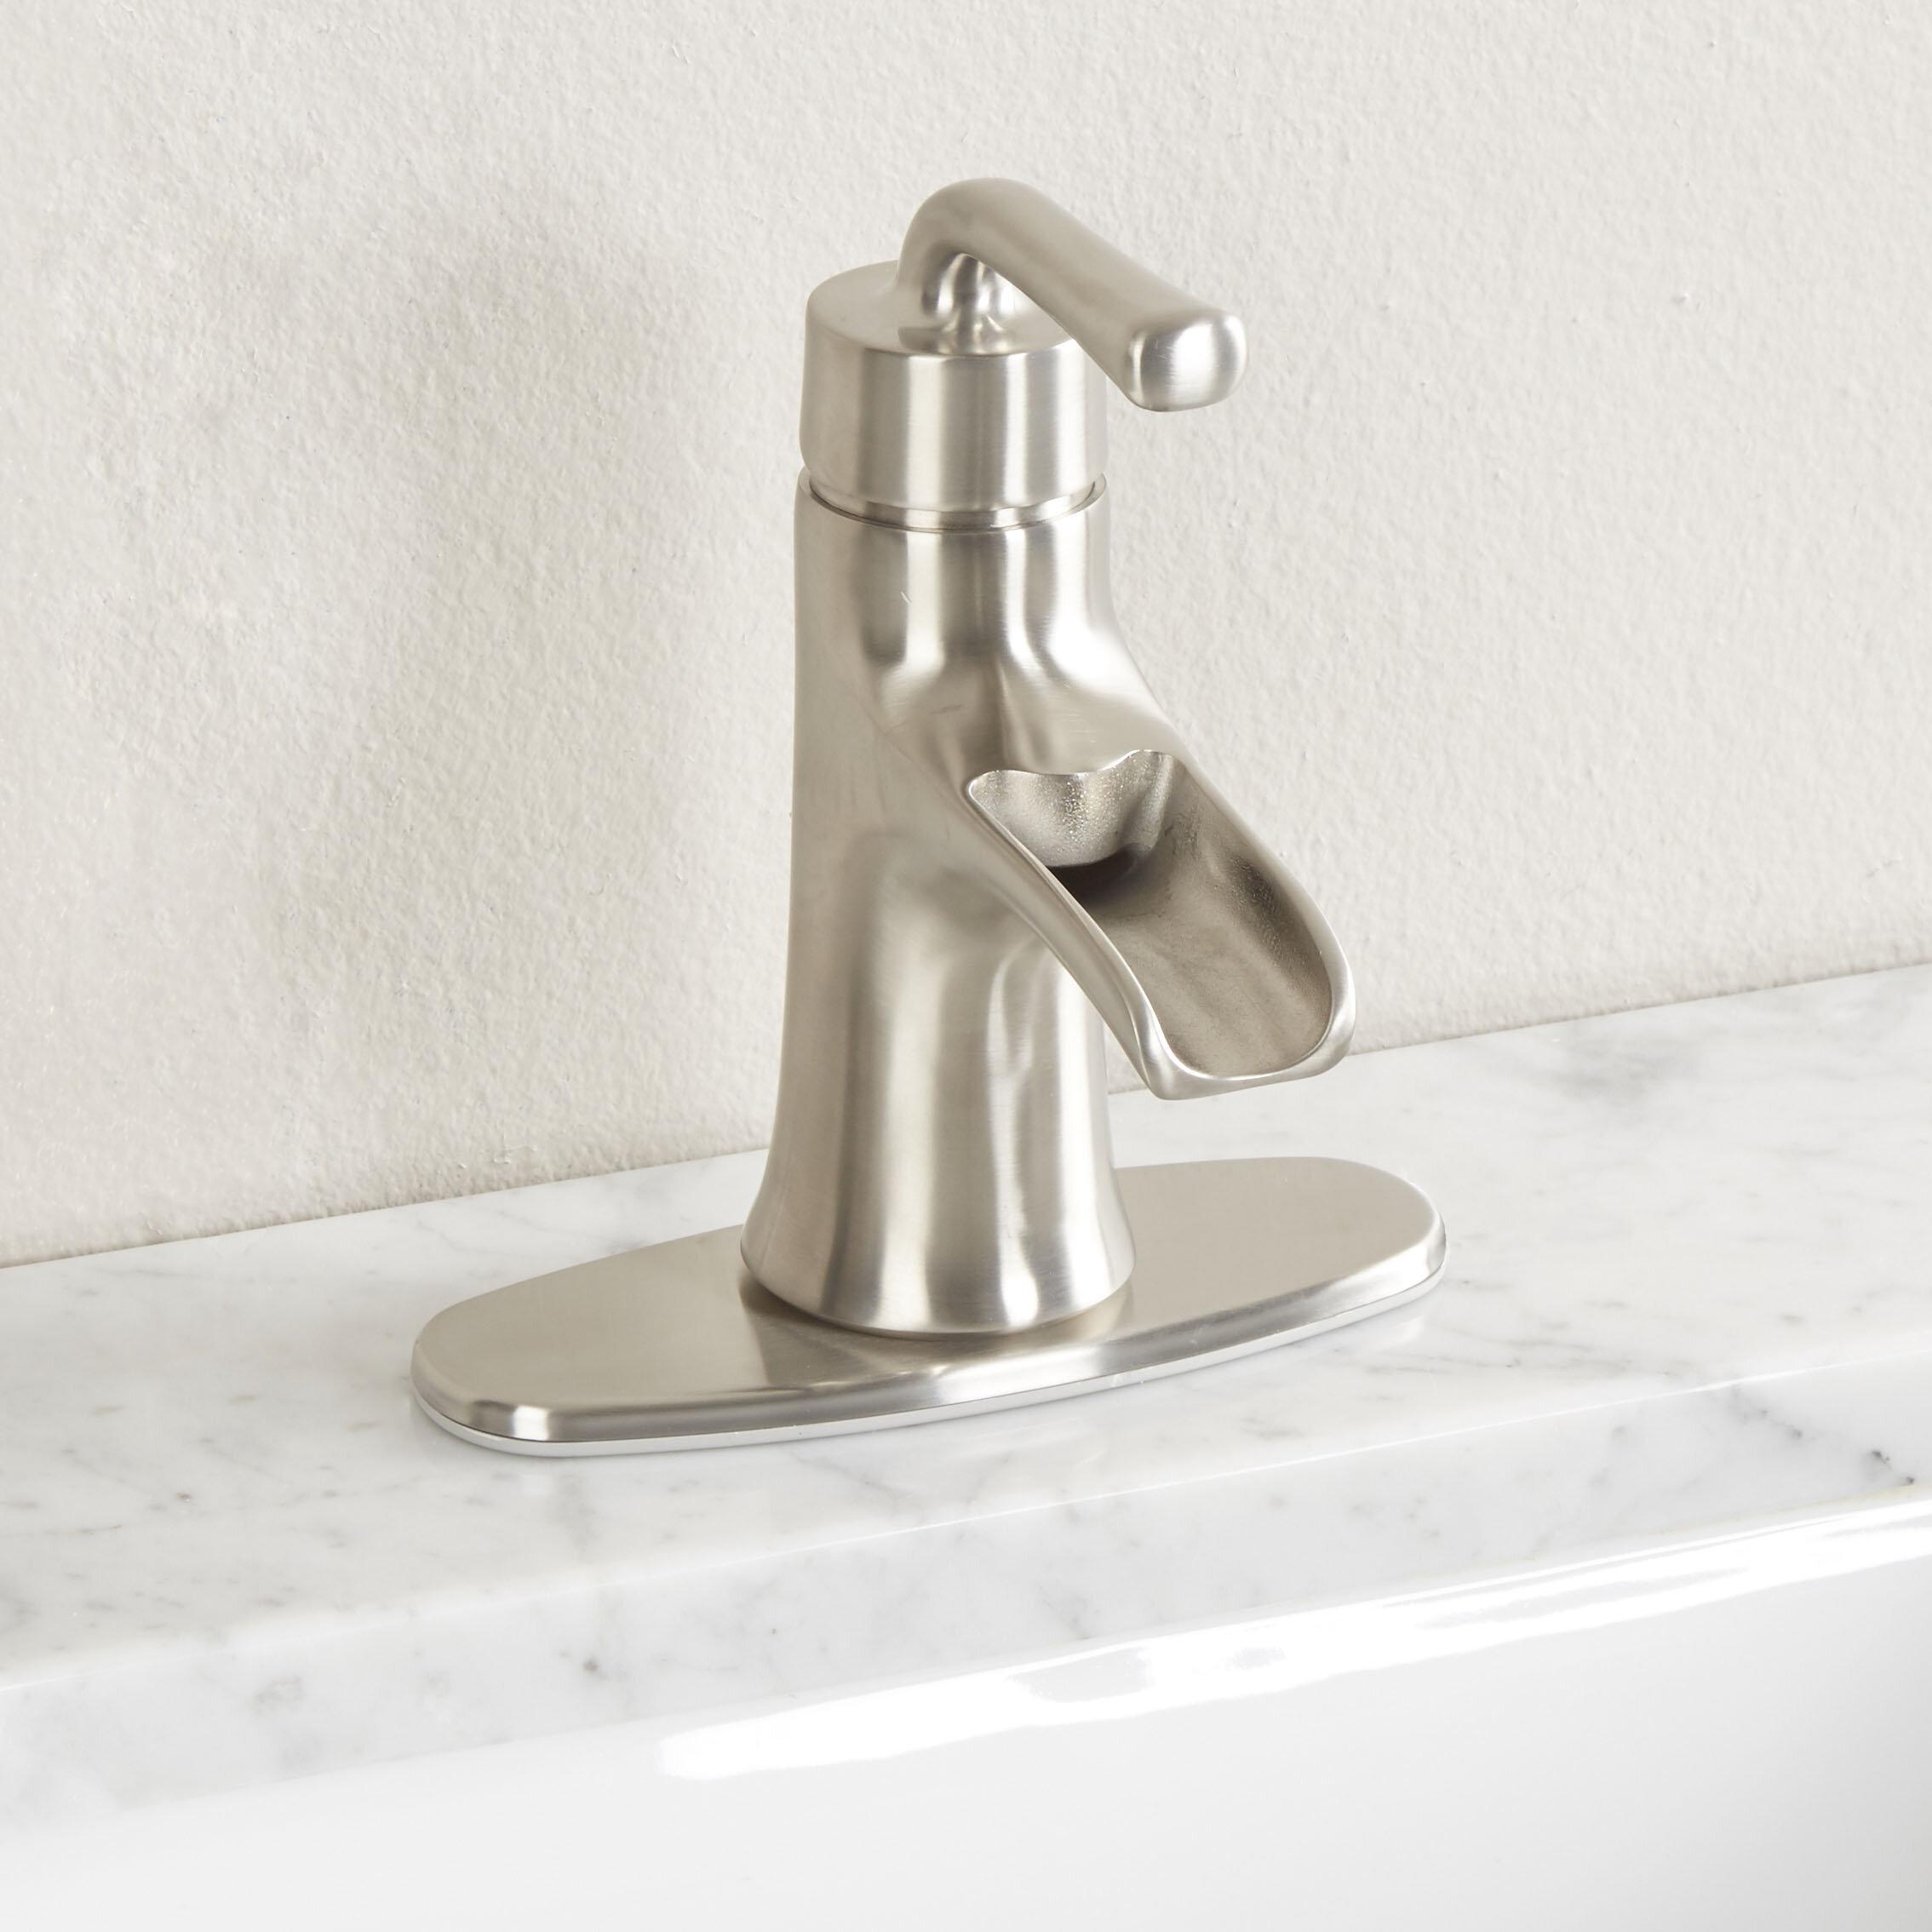 Premier Faucet   Wayfair